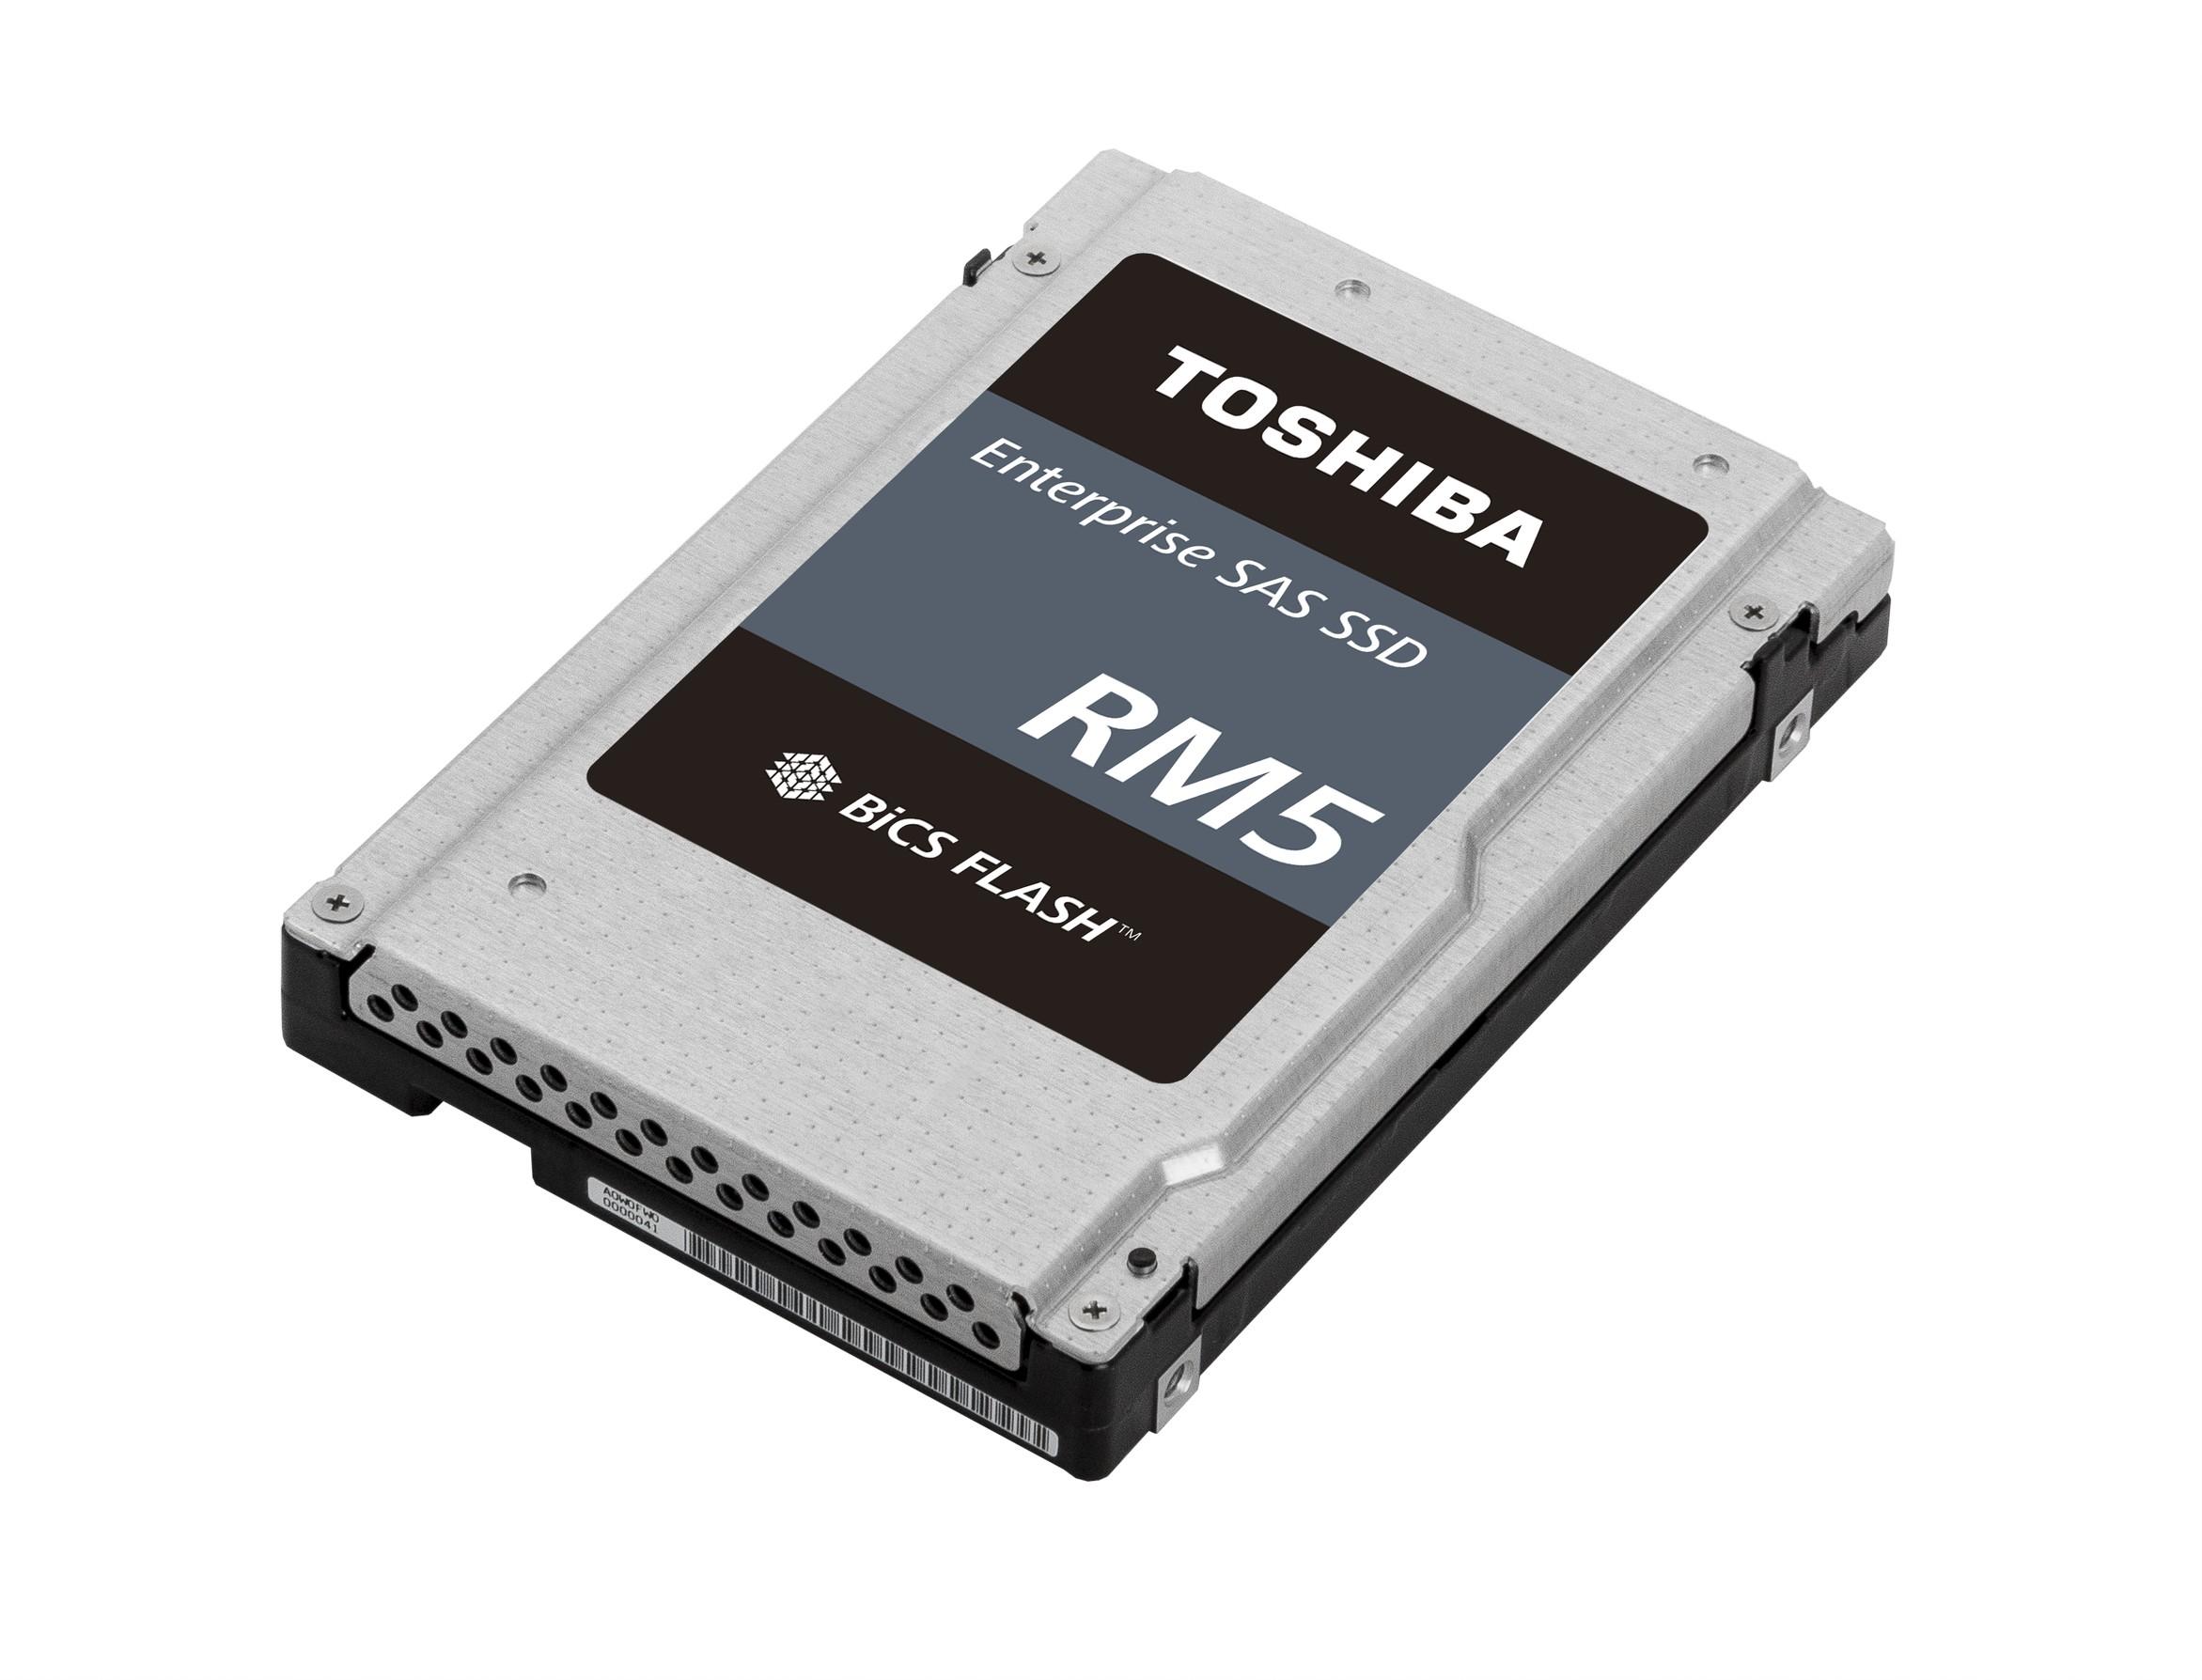 東芝記憶體公司將推出適用於 SATA 應用的 Value SAS SSD